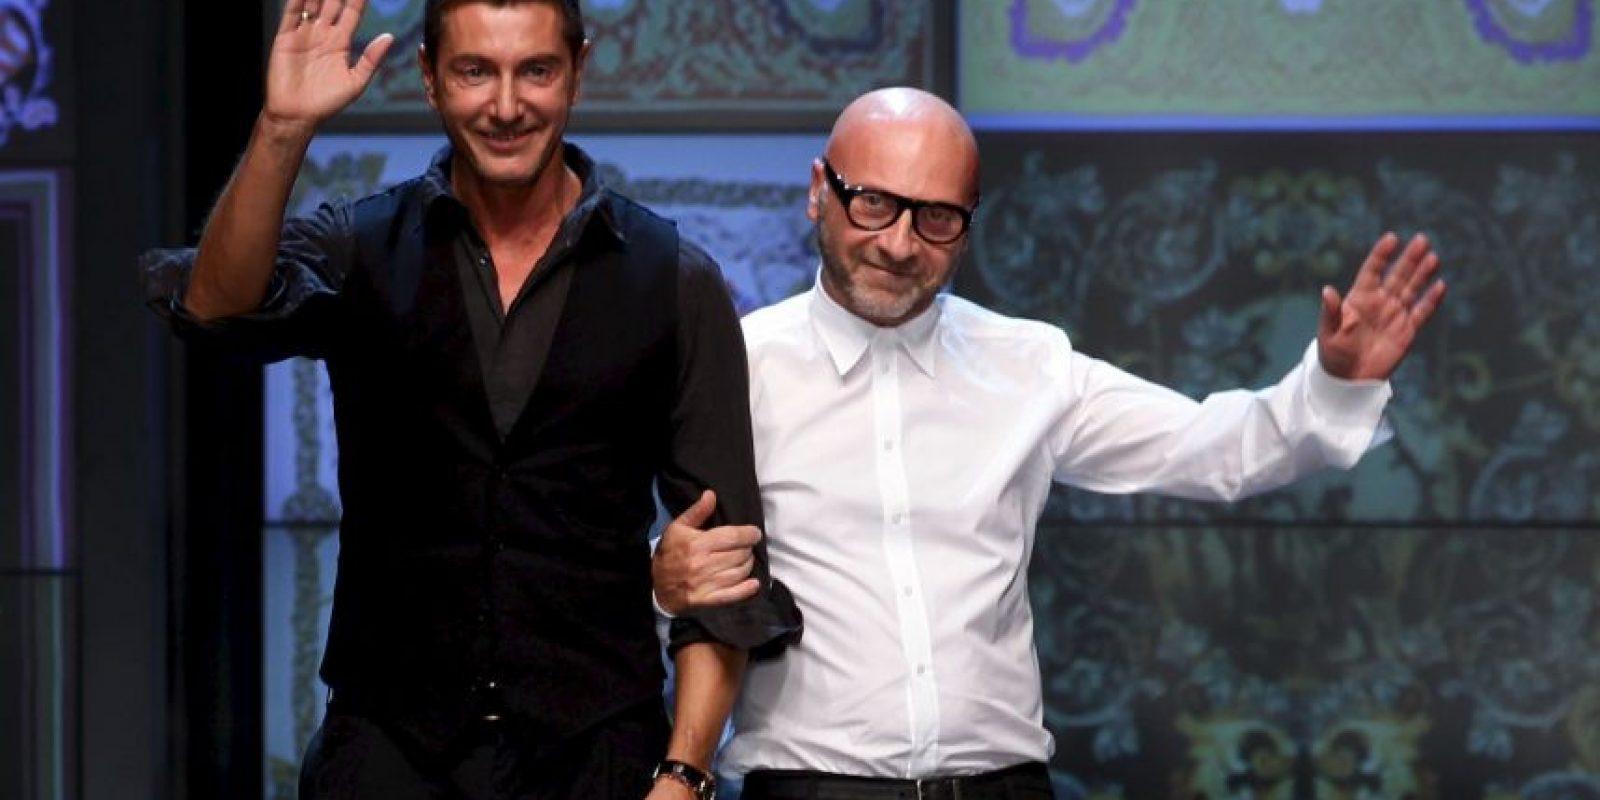 Los diseñadores Dolce y Gabbana concedieron una entrevista a la revista italiana Panorama en la que hablaron de la familia y del modelo tradicional de esta, según señalaron, la formada por un padre, una madre y los hijos. Foto:Getty Images